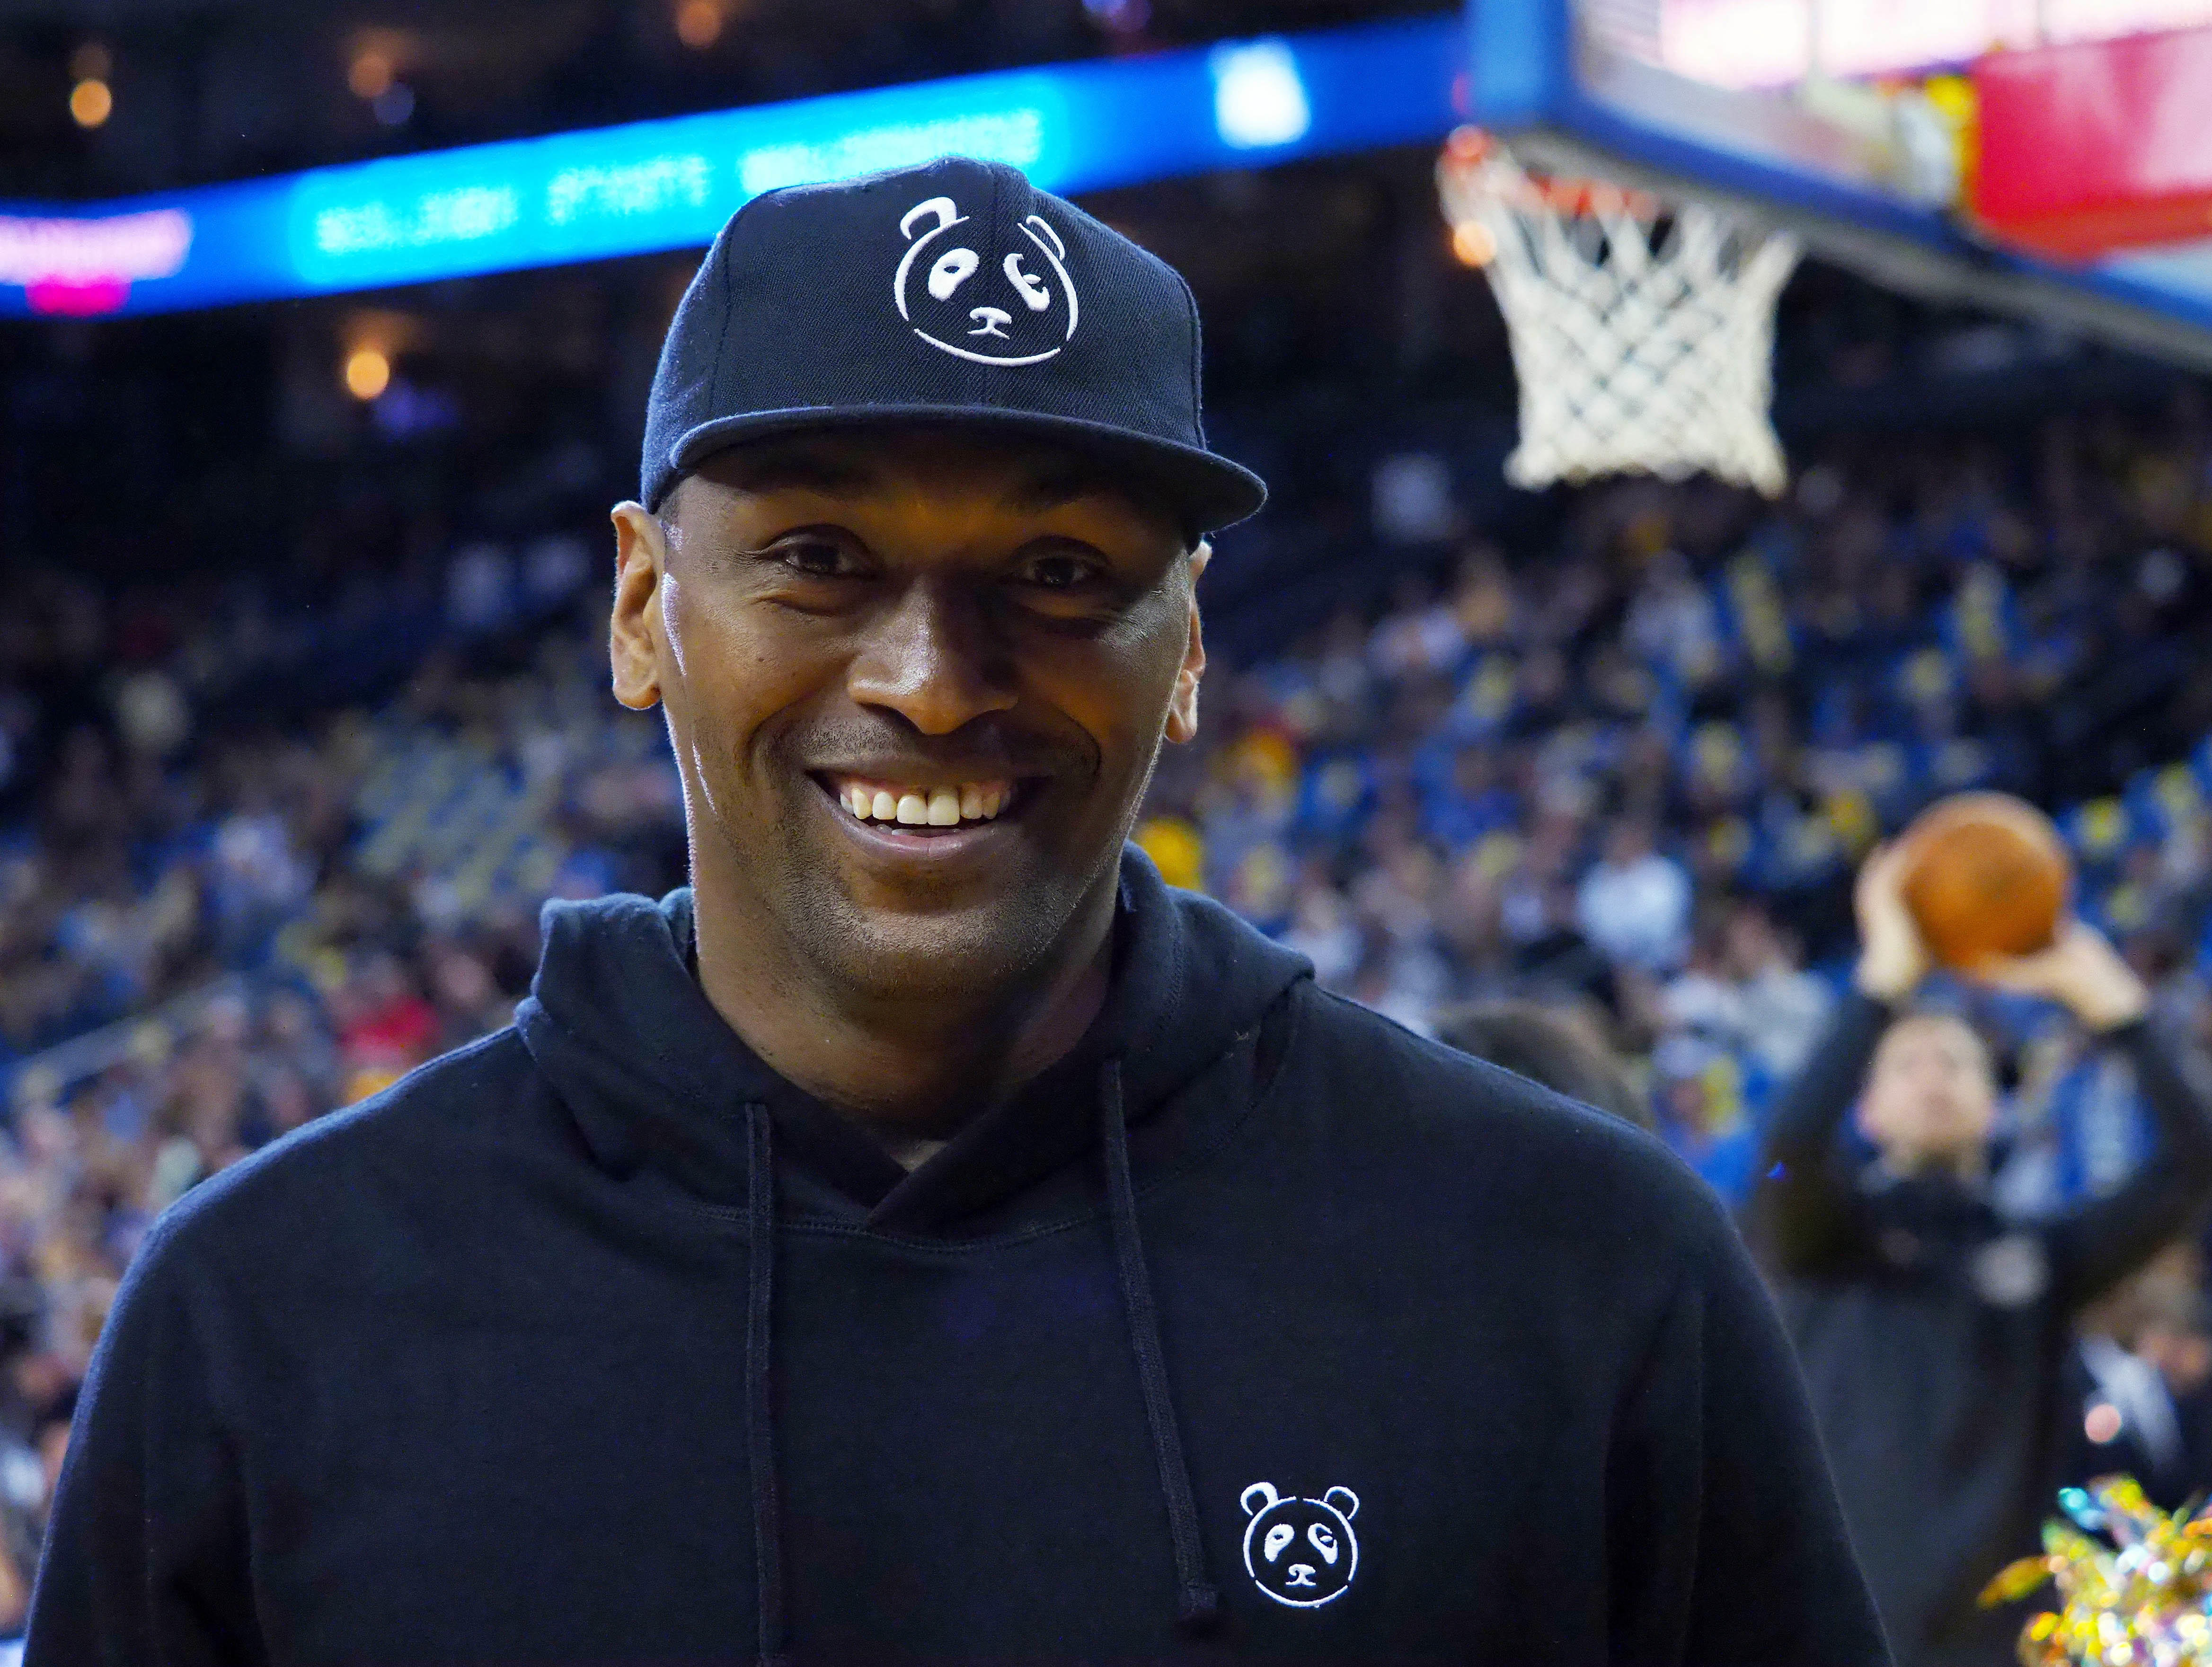 d6f73490086 Boomer & Gio: Retired NBA player Metta World Peace talks dream job as St. John's  coach - CBSSports.com